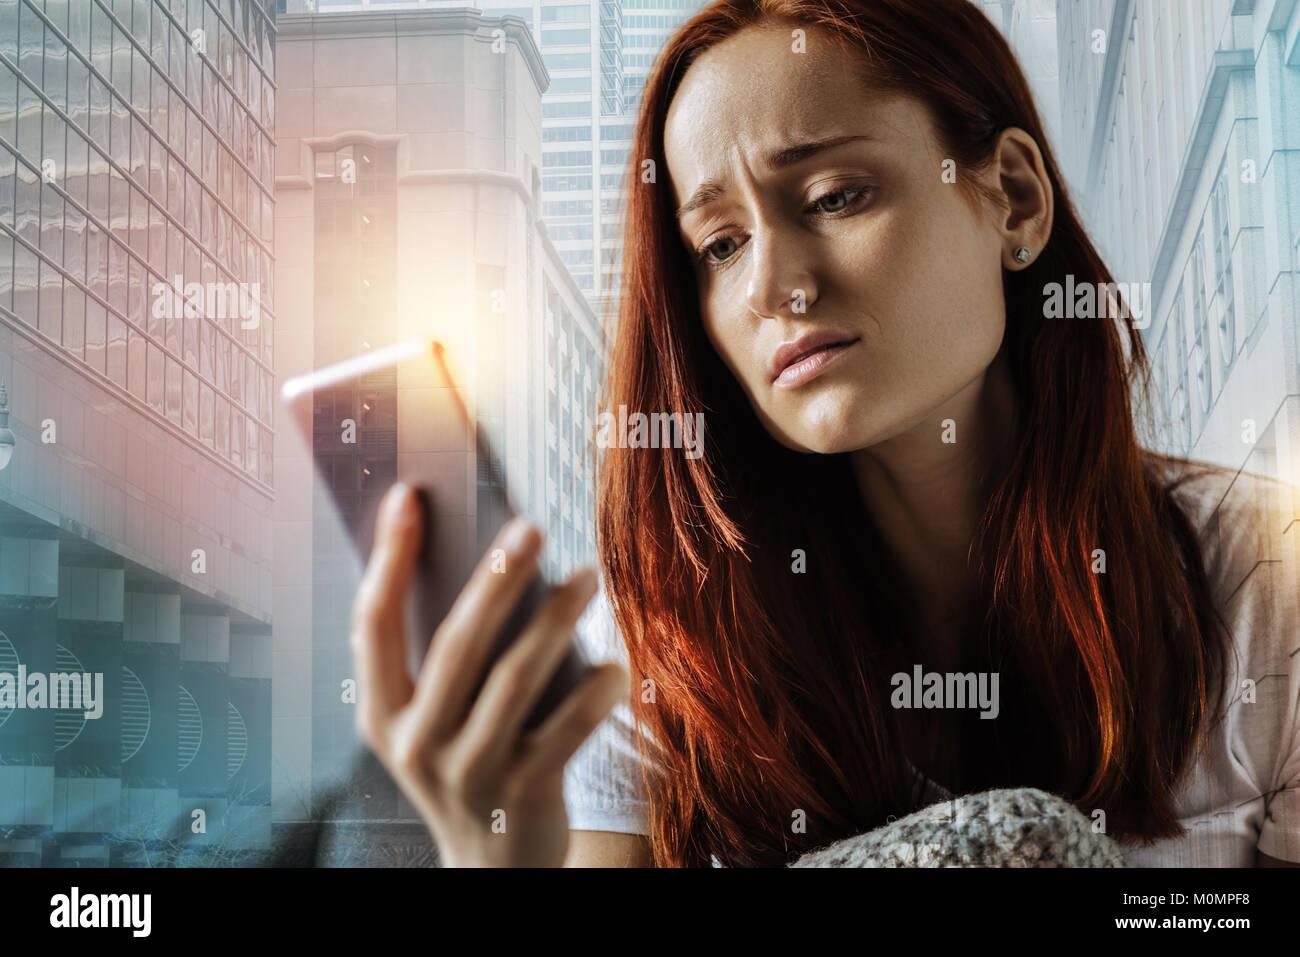 Traurige junge Frau sitzt und mit dem Handy. Stockbild